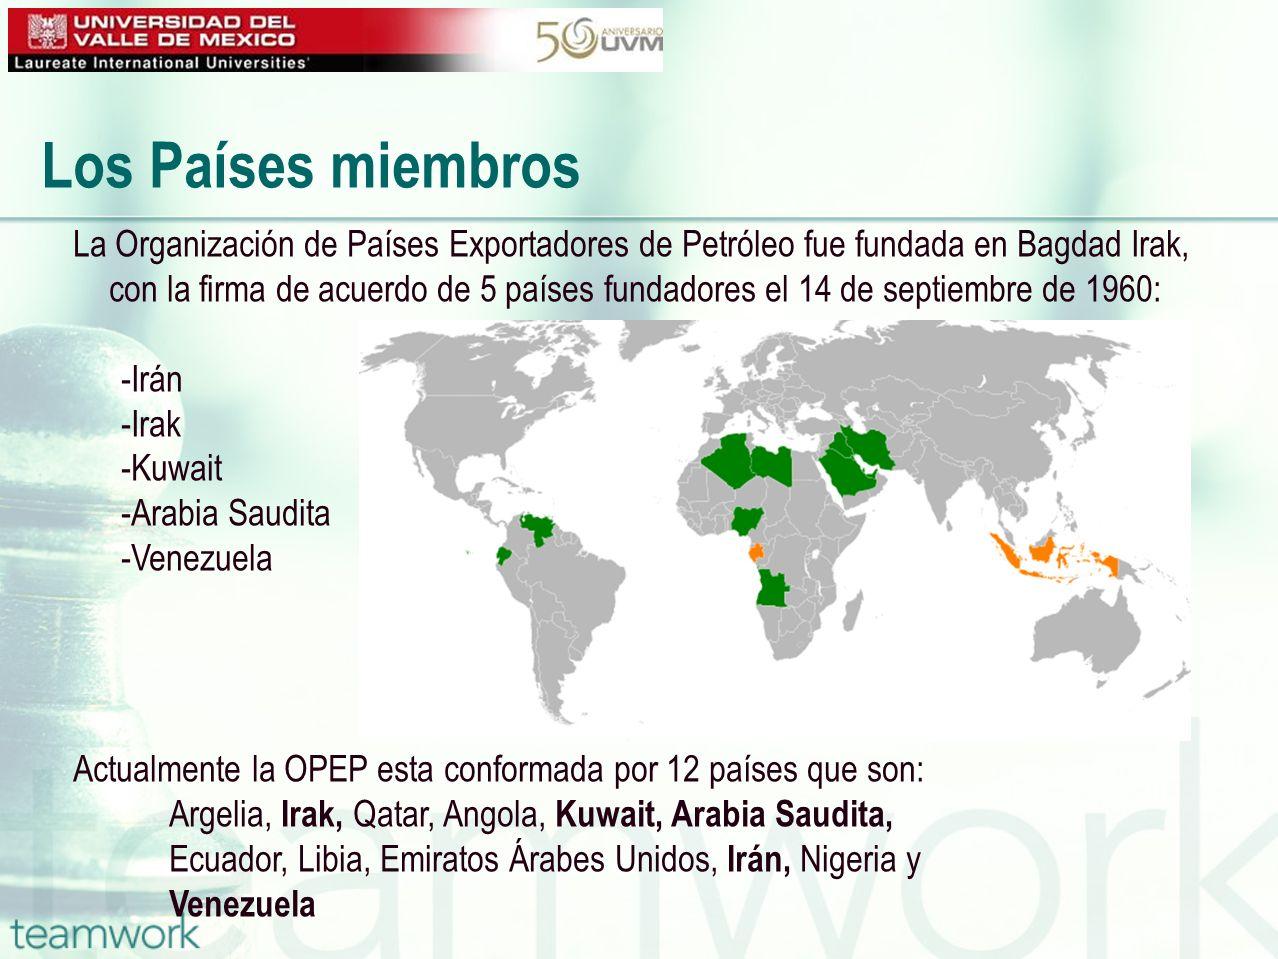 La Secretaria de la OPEP, es el órgano ejecutivo localizado en Viena que rige la organización de acuerdo al estatuto.